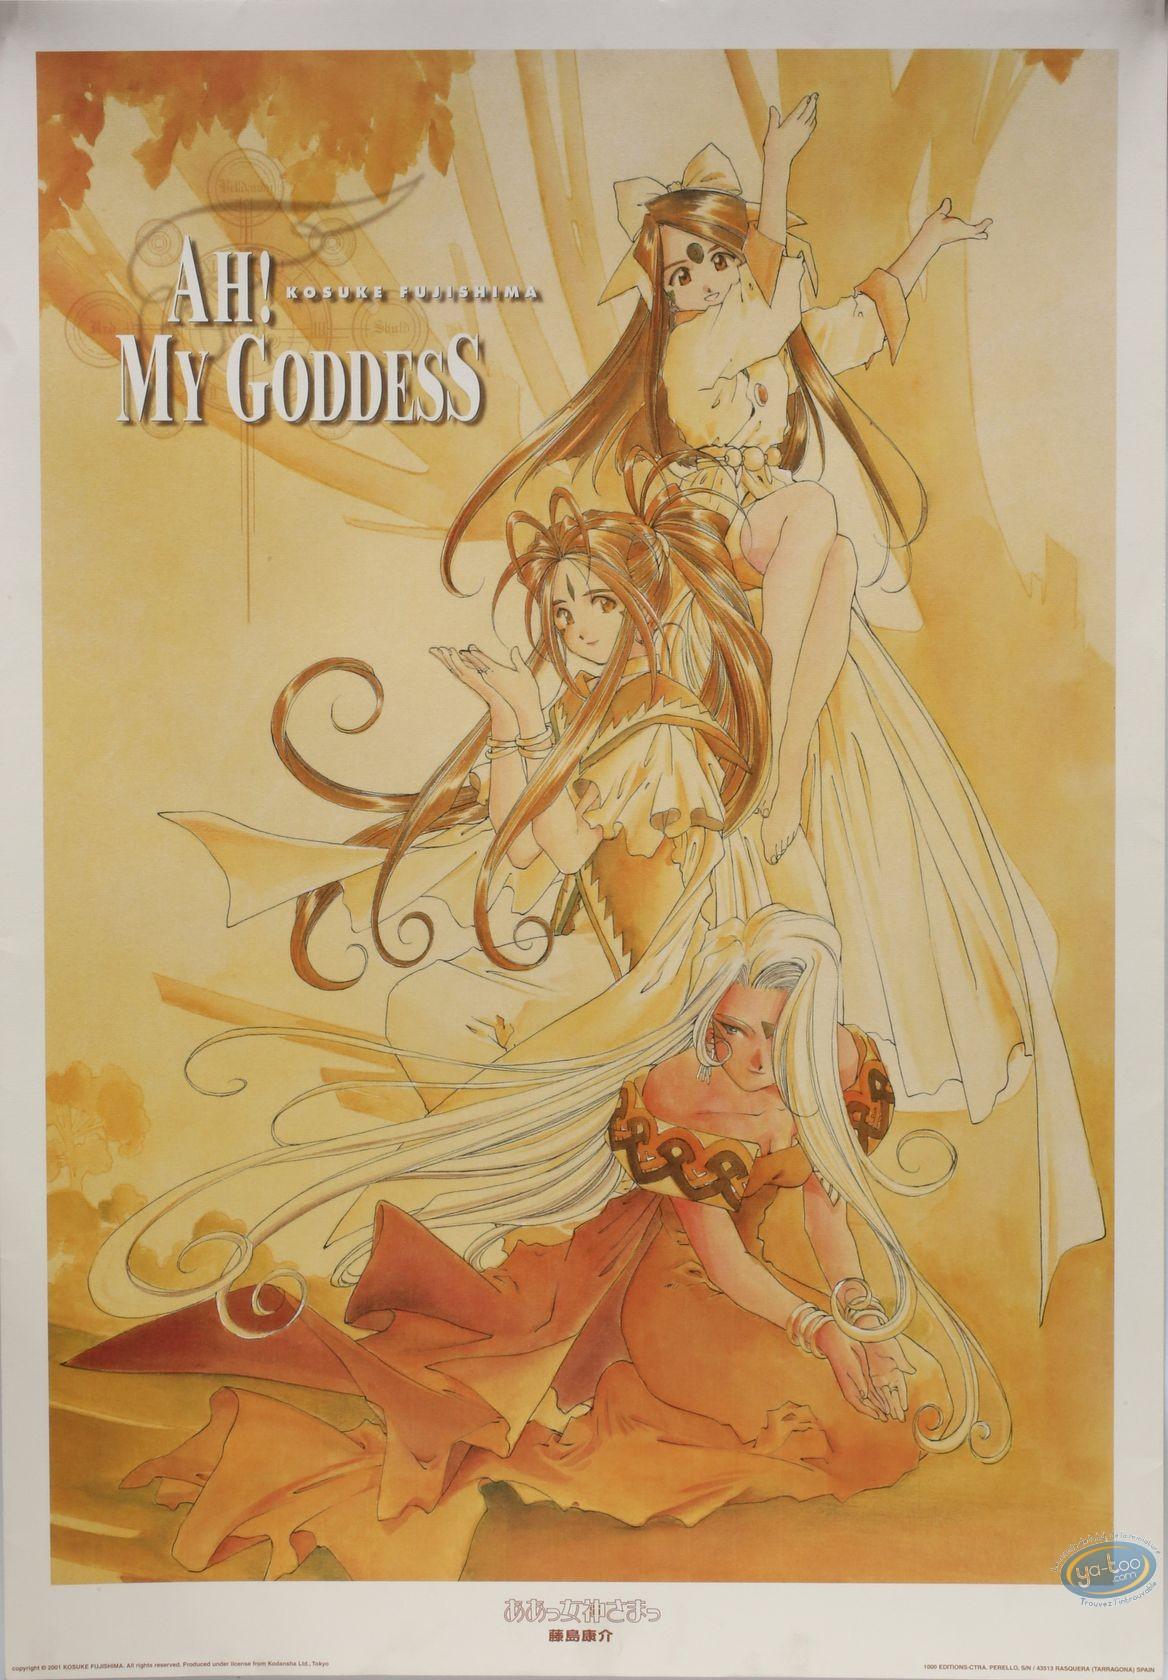 My Goddess 7 1000 Editions Affiche Offset Ah My Goddess Ah